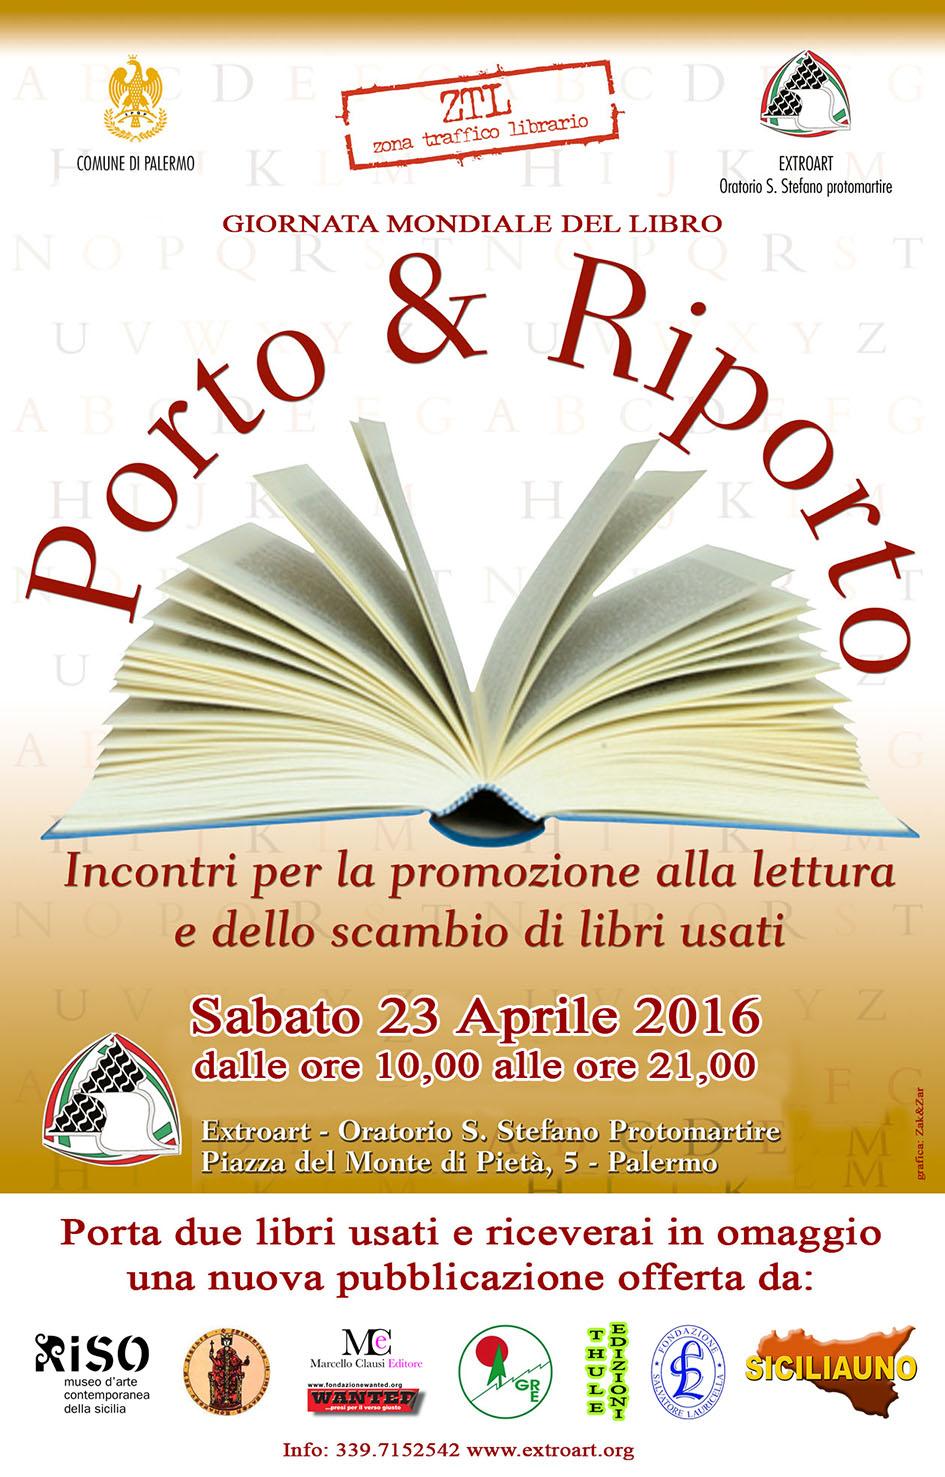 Porto e riporto – Incontri per la promozione alla lettura e dello scambio di libri usati